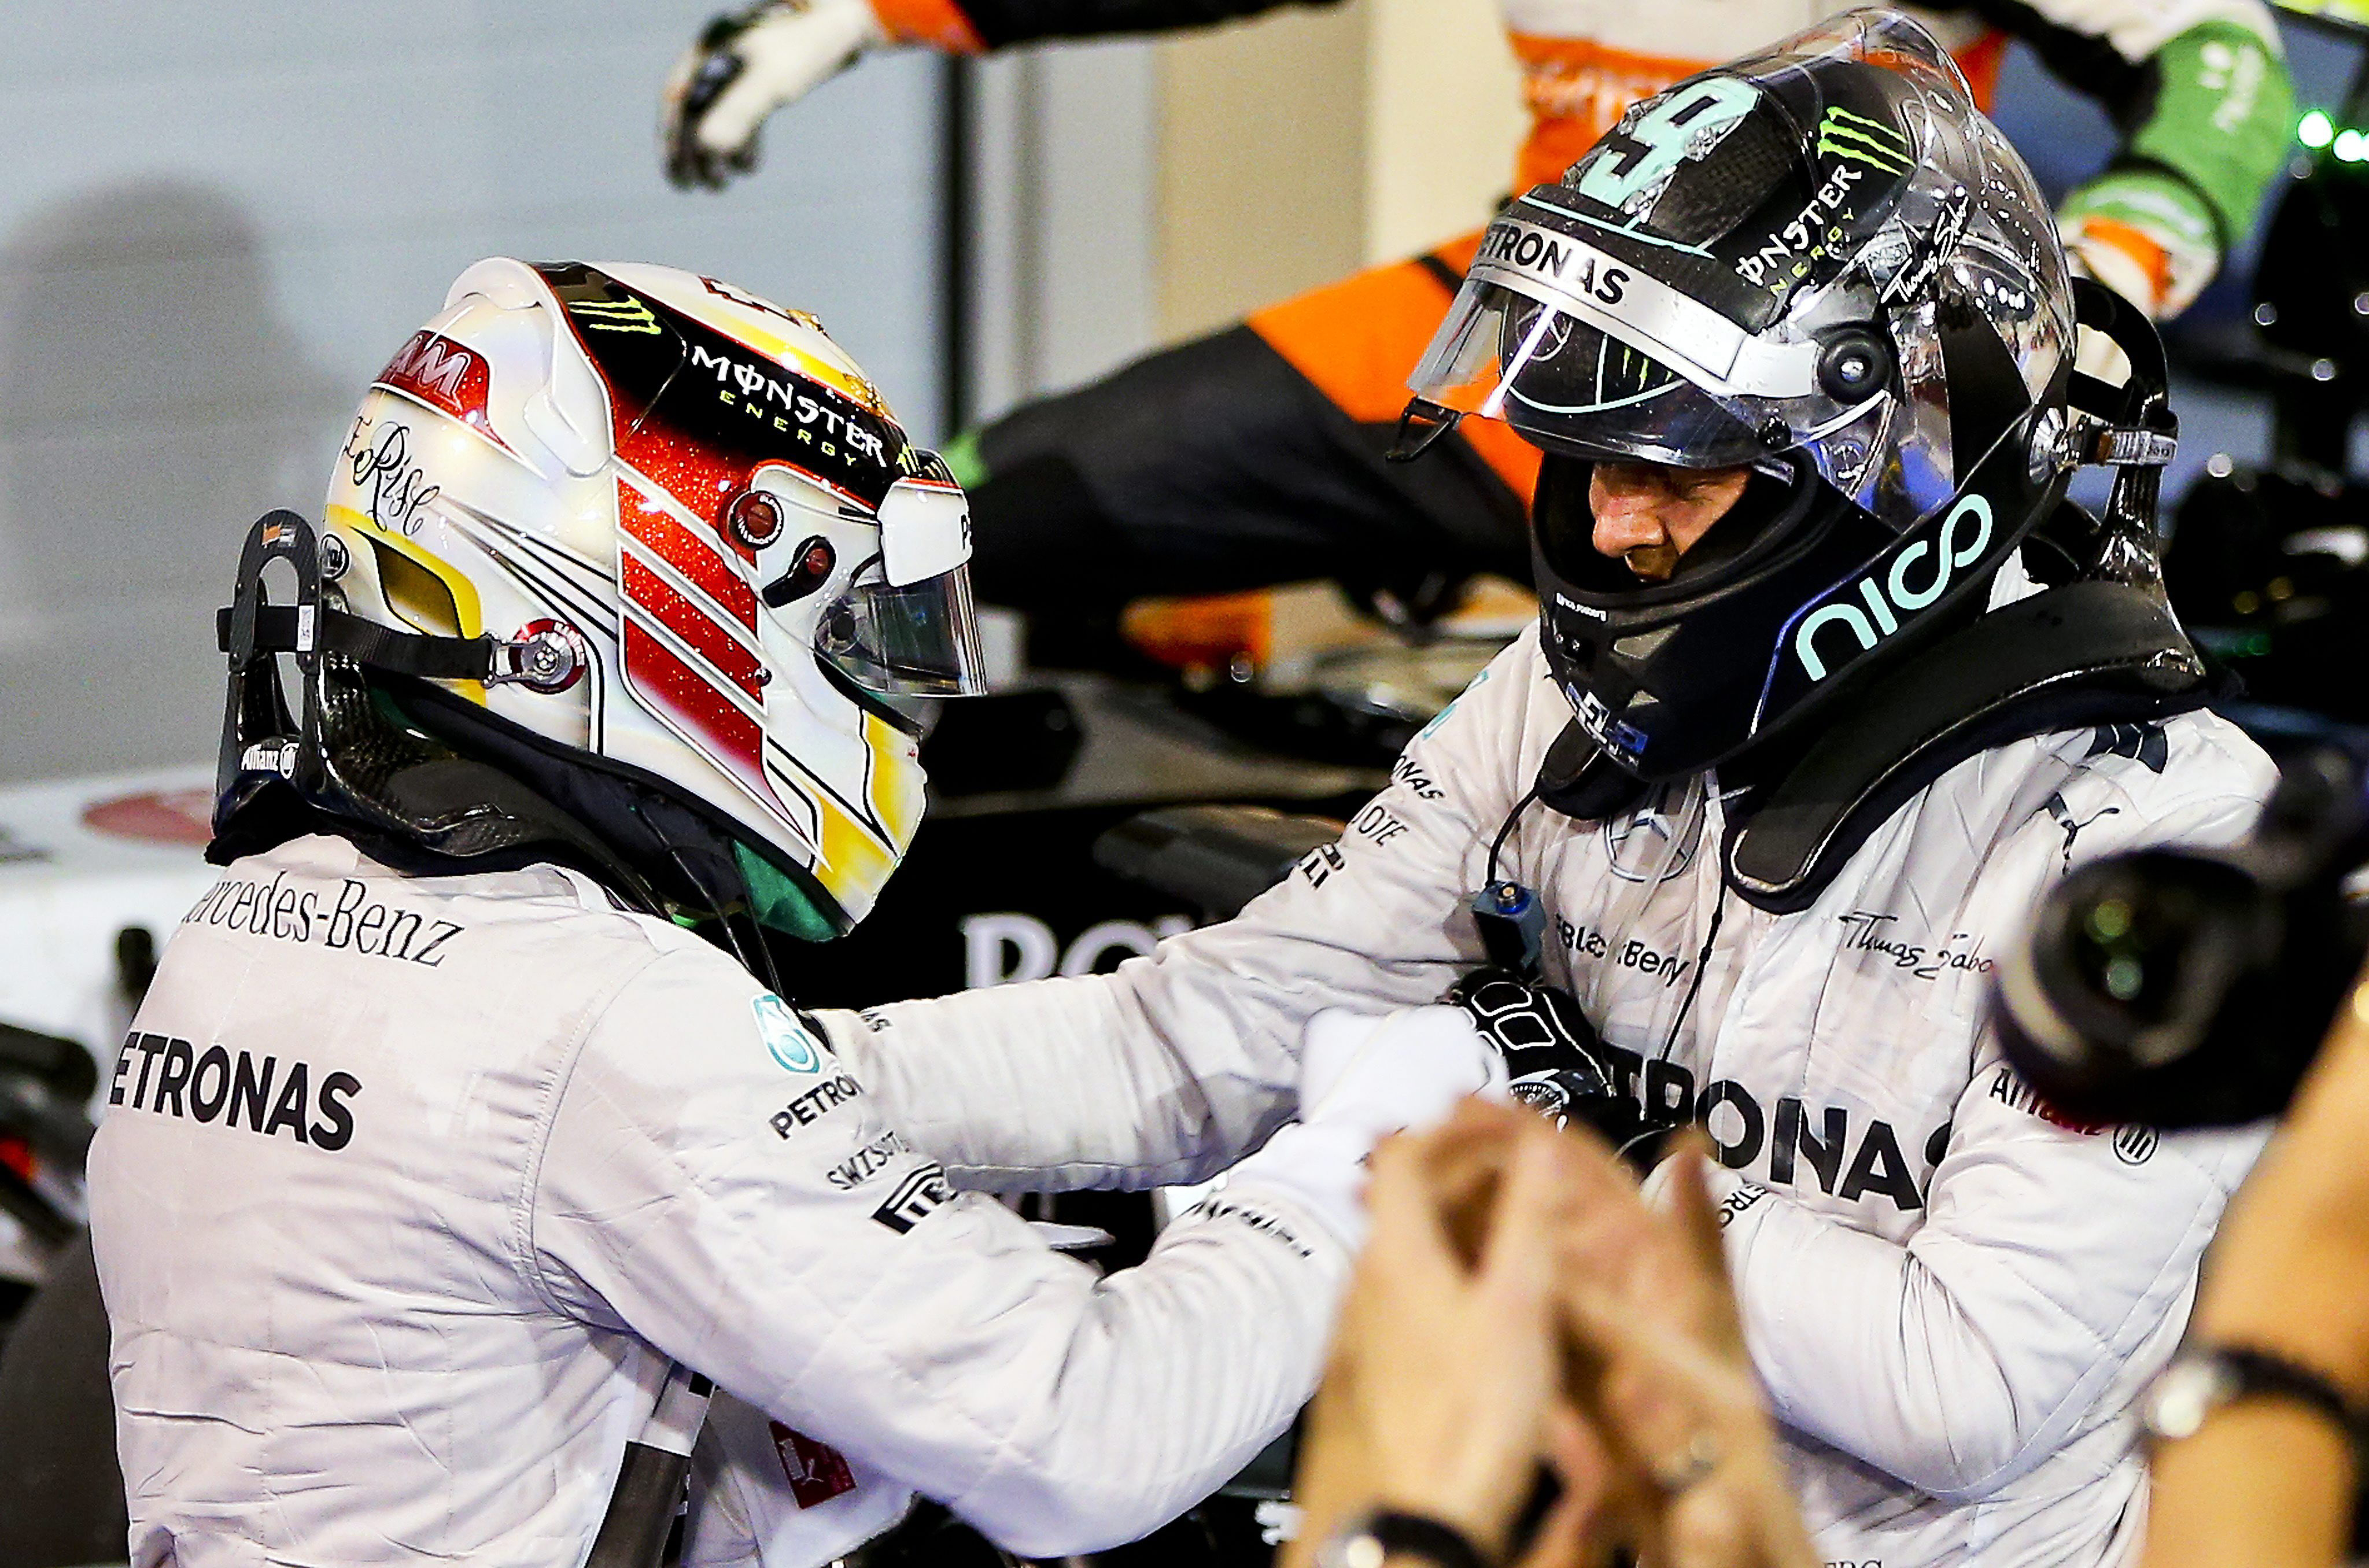 Rosberg y Hamilton dan el tercer doblete a Mercedes y se »disparan» hacia el Mundial